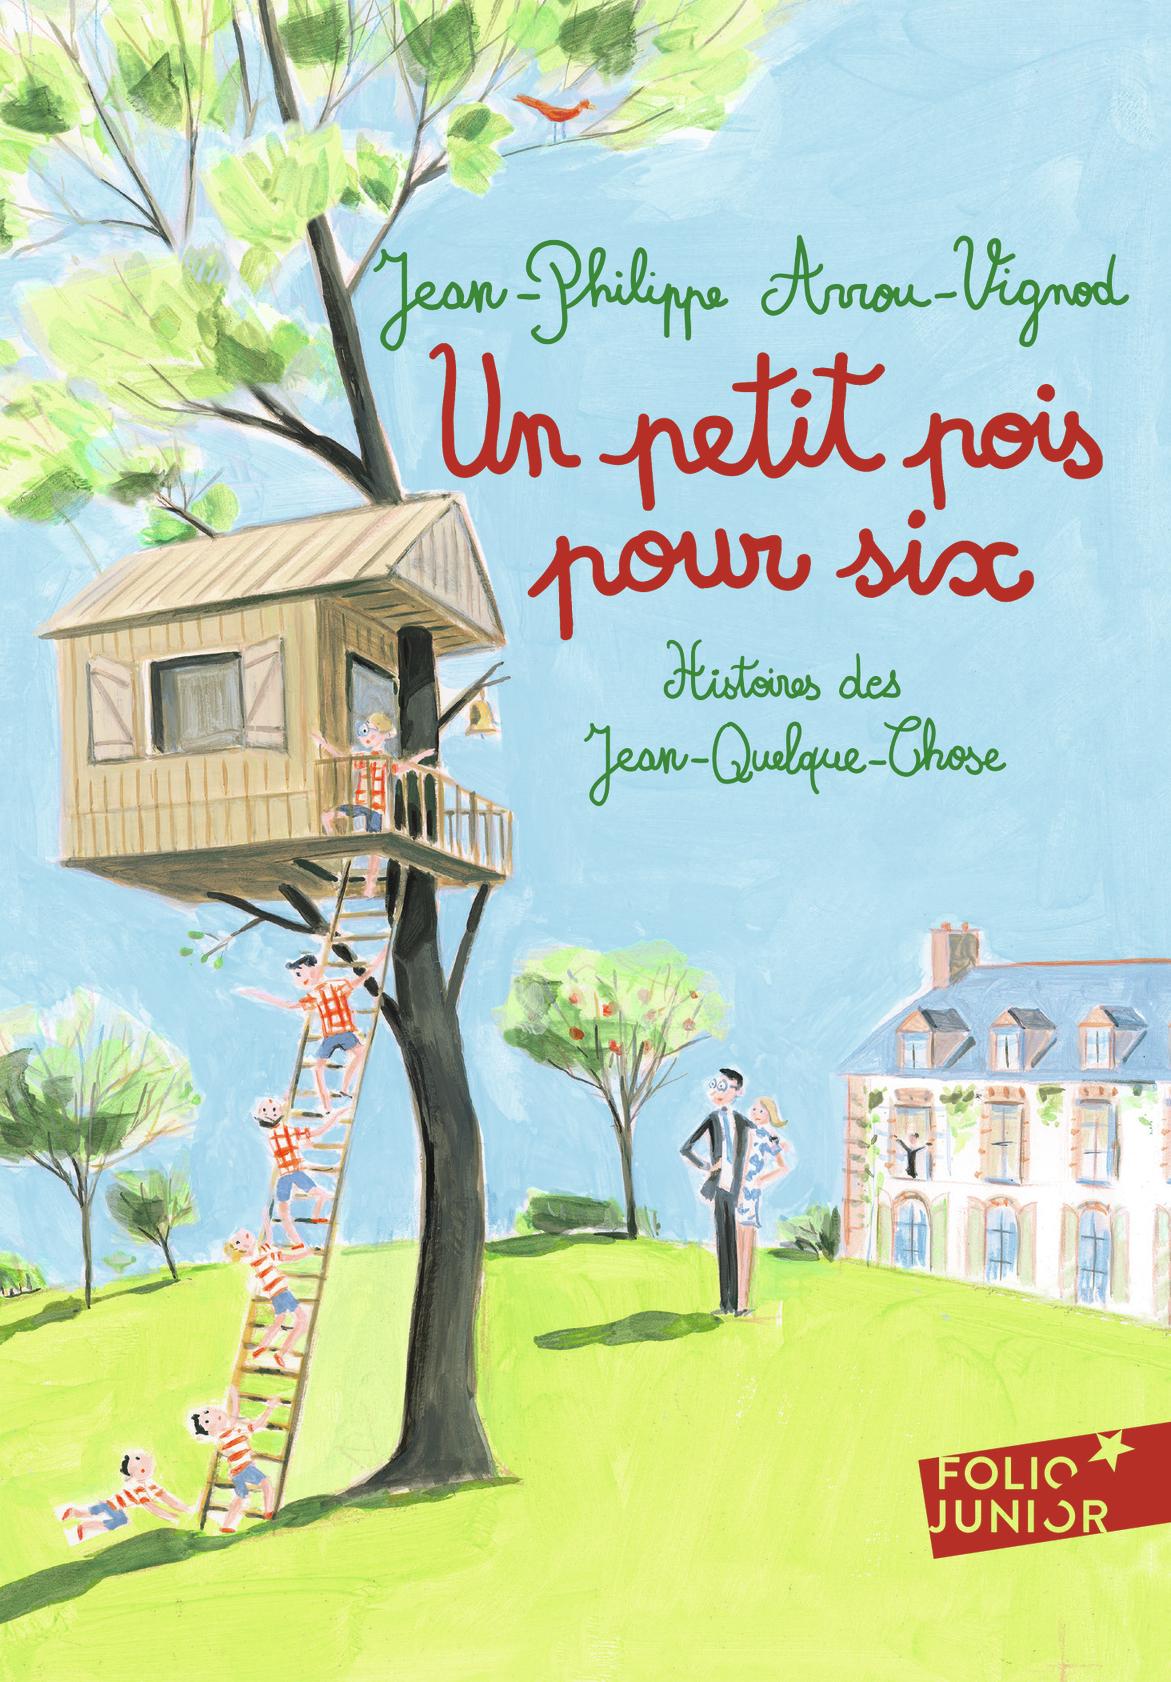 Histoires des Jean-Quelque-...